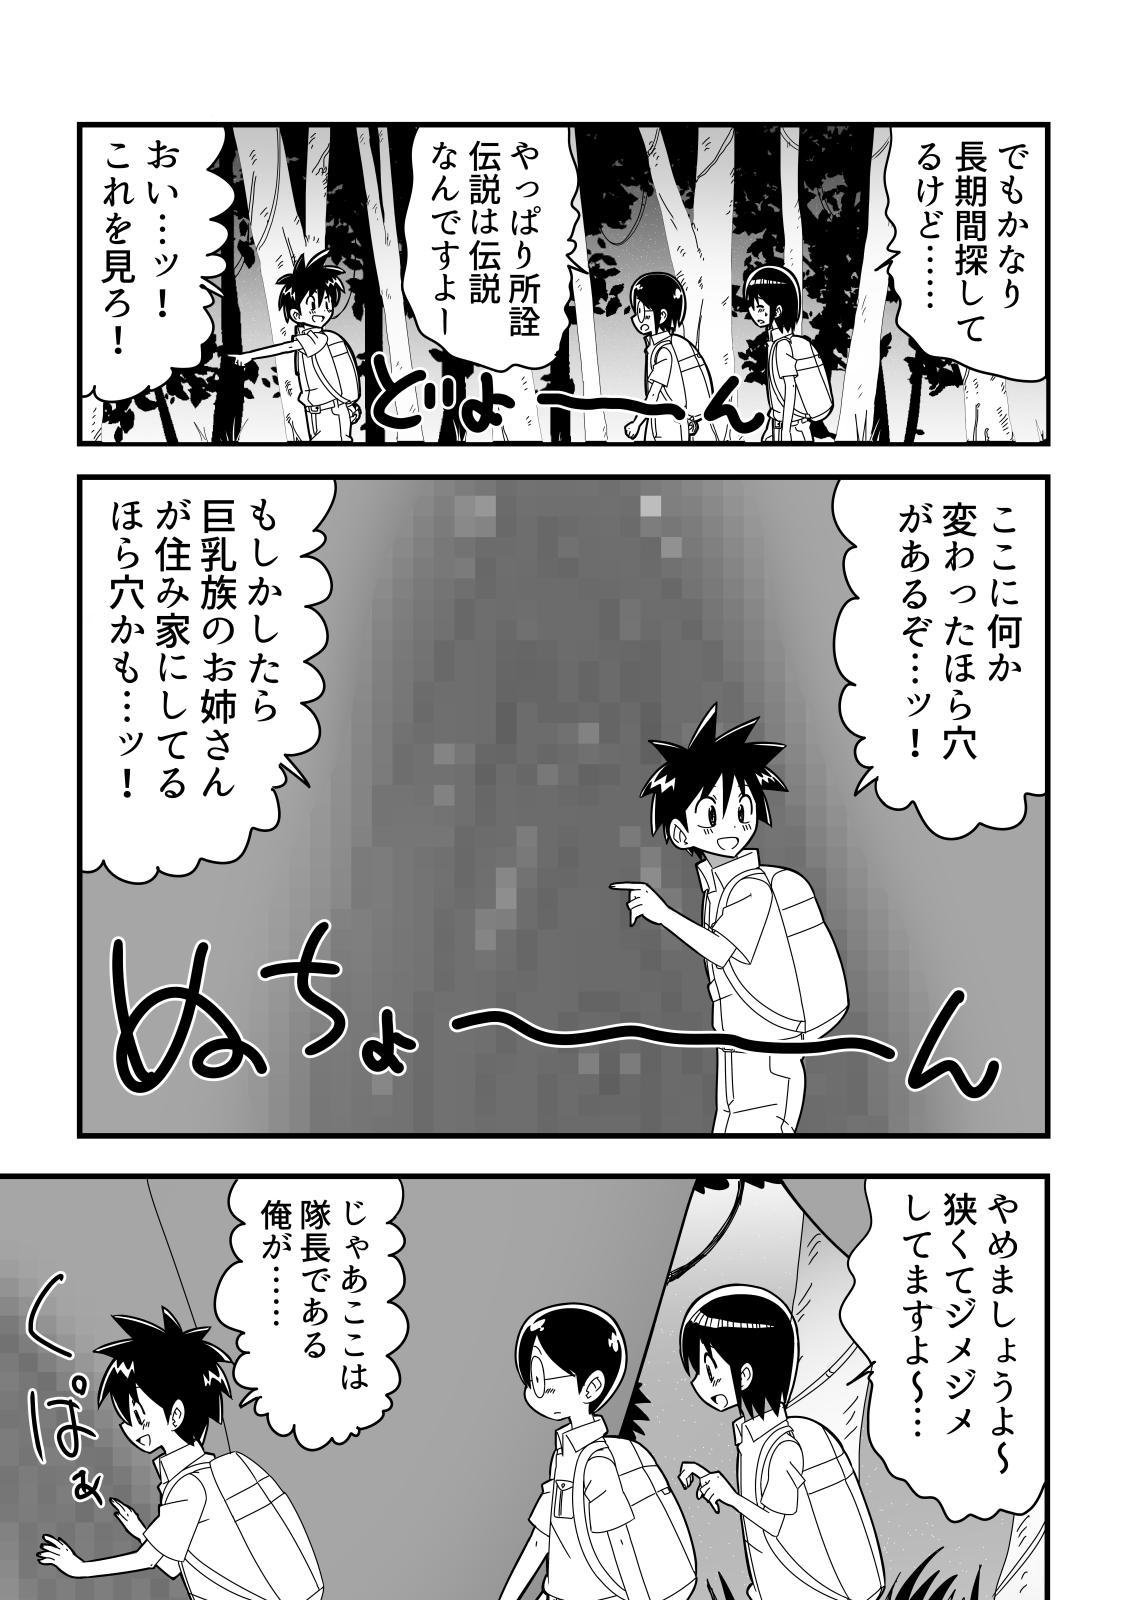 Shota Tankentai ga Hikyou de Kyojinzoku no Onee-san to Deatta Hanashi 2